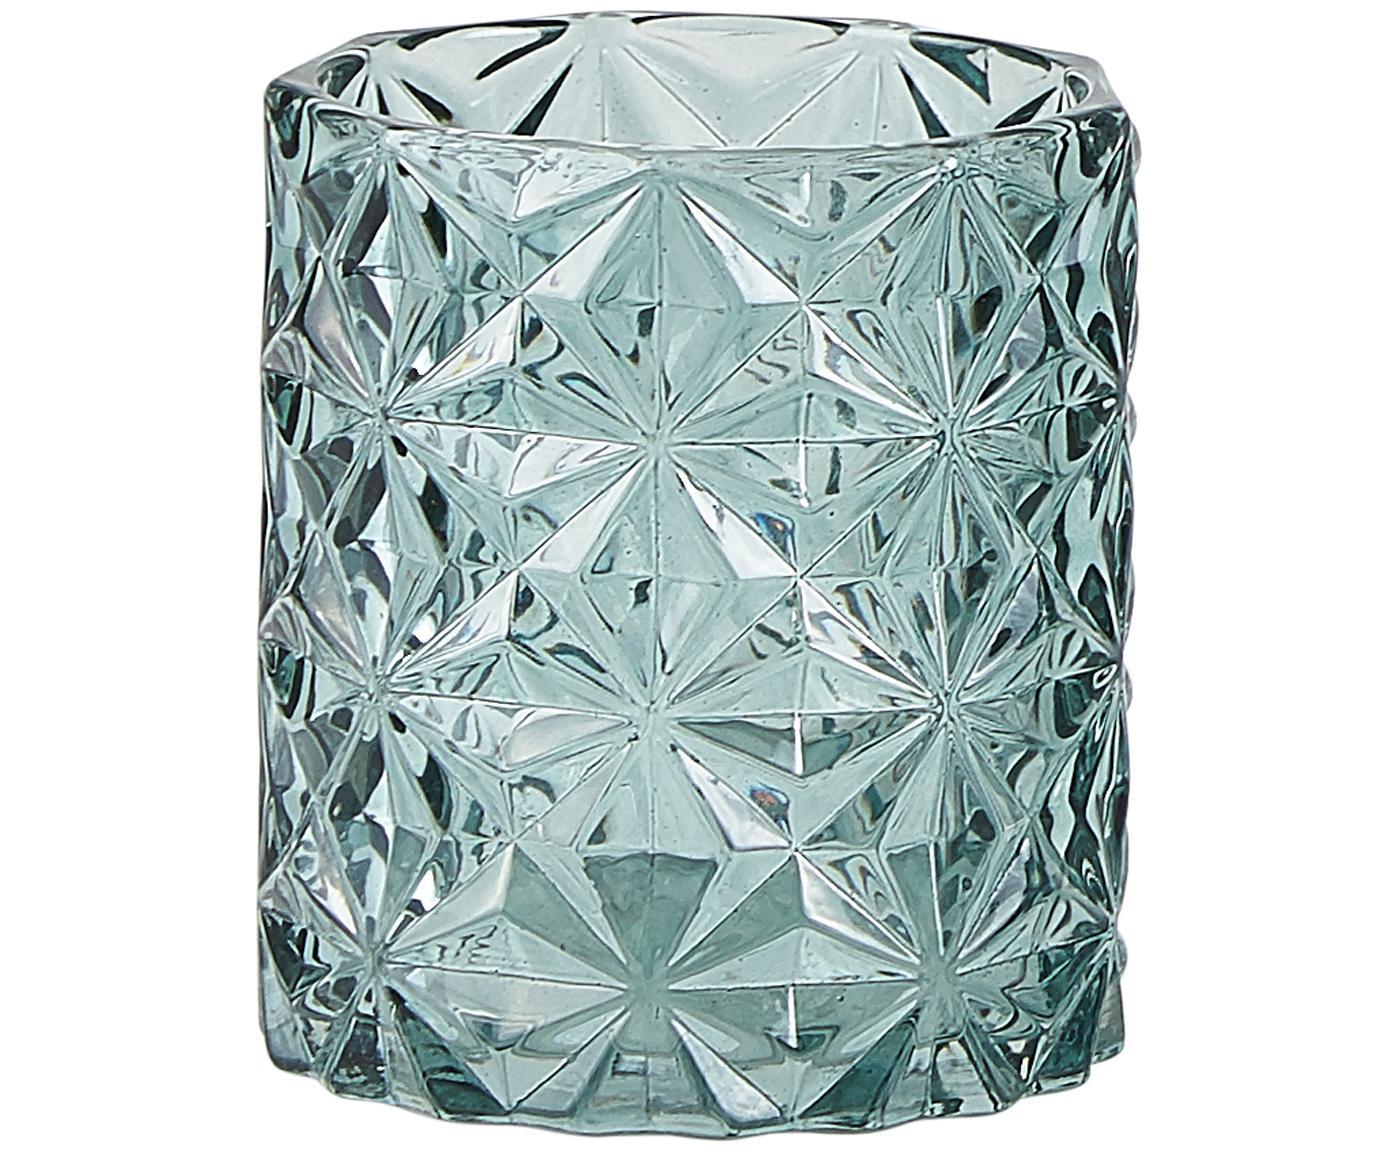 Waxinelichthoudersset Rosie, 3-delig, Glas, Groen, licht transparant, Ø 8 x H 9 cm